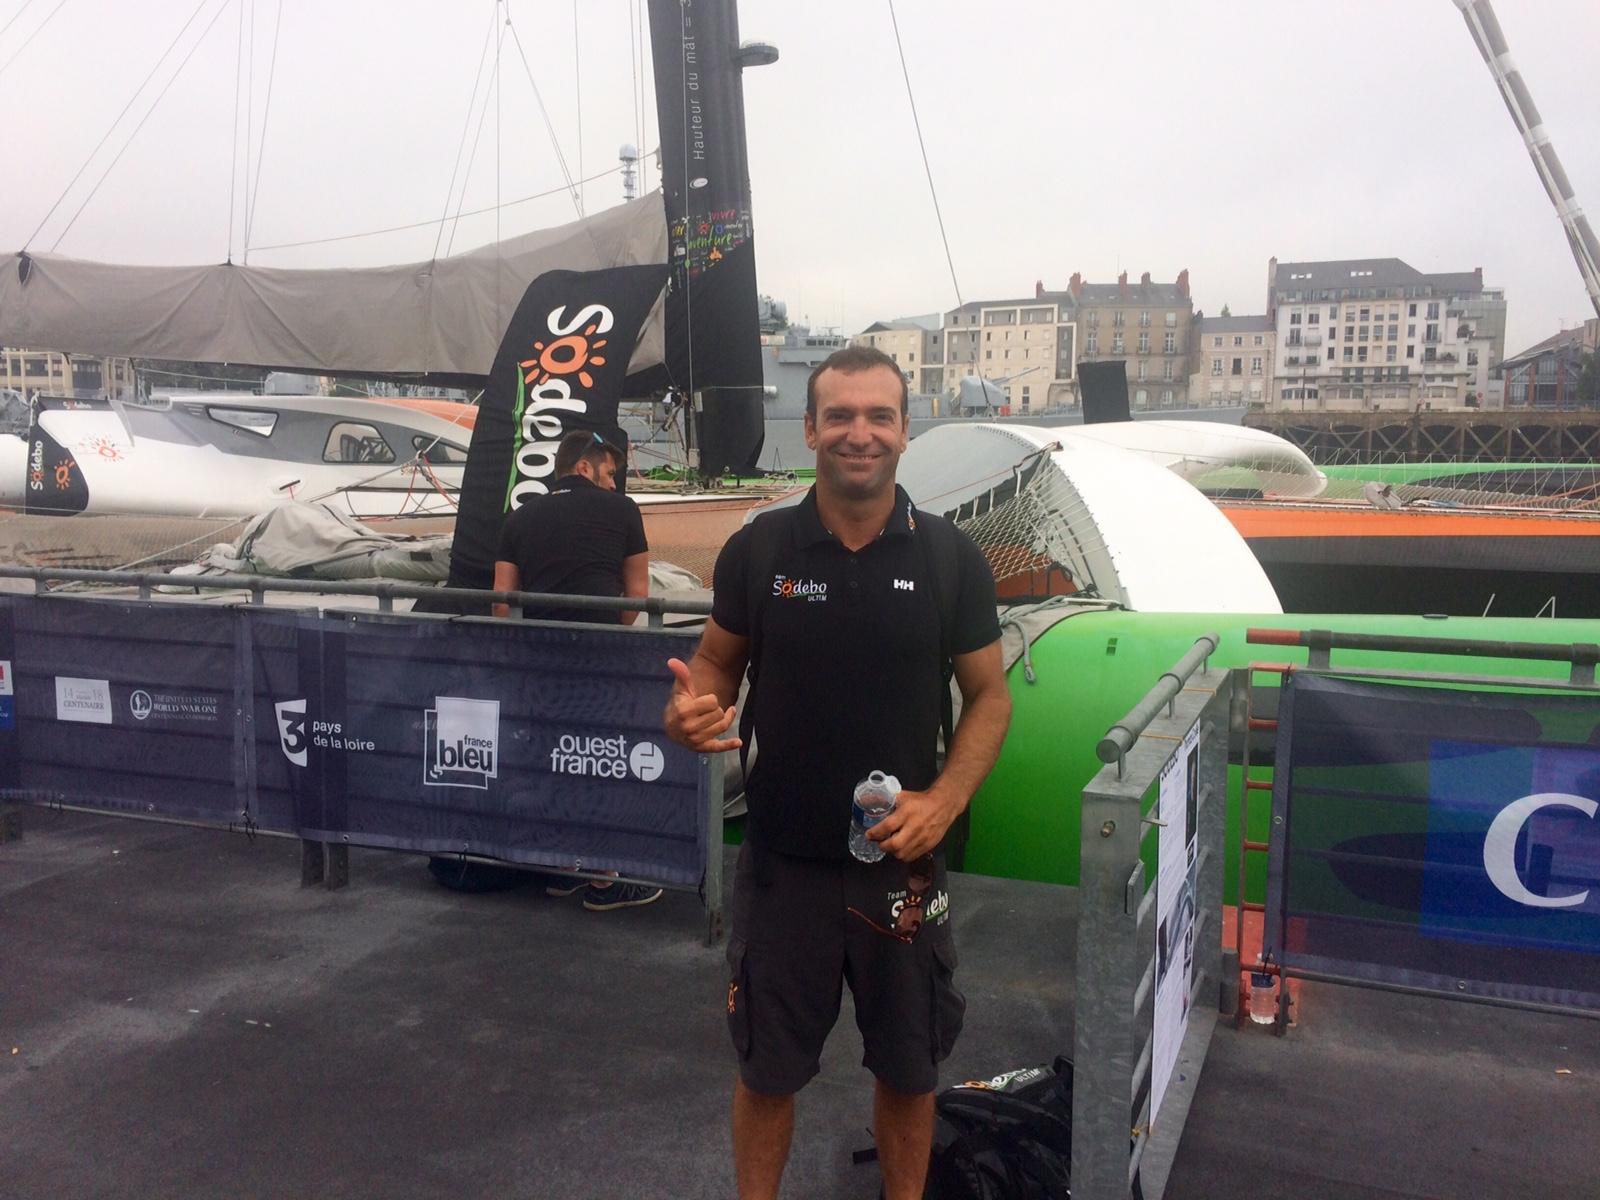 Billy Besson, prêt à embarquer à bord du maxi-trimaran Sodebo, à Nantes ce mercredi matin.